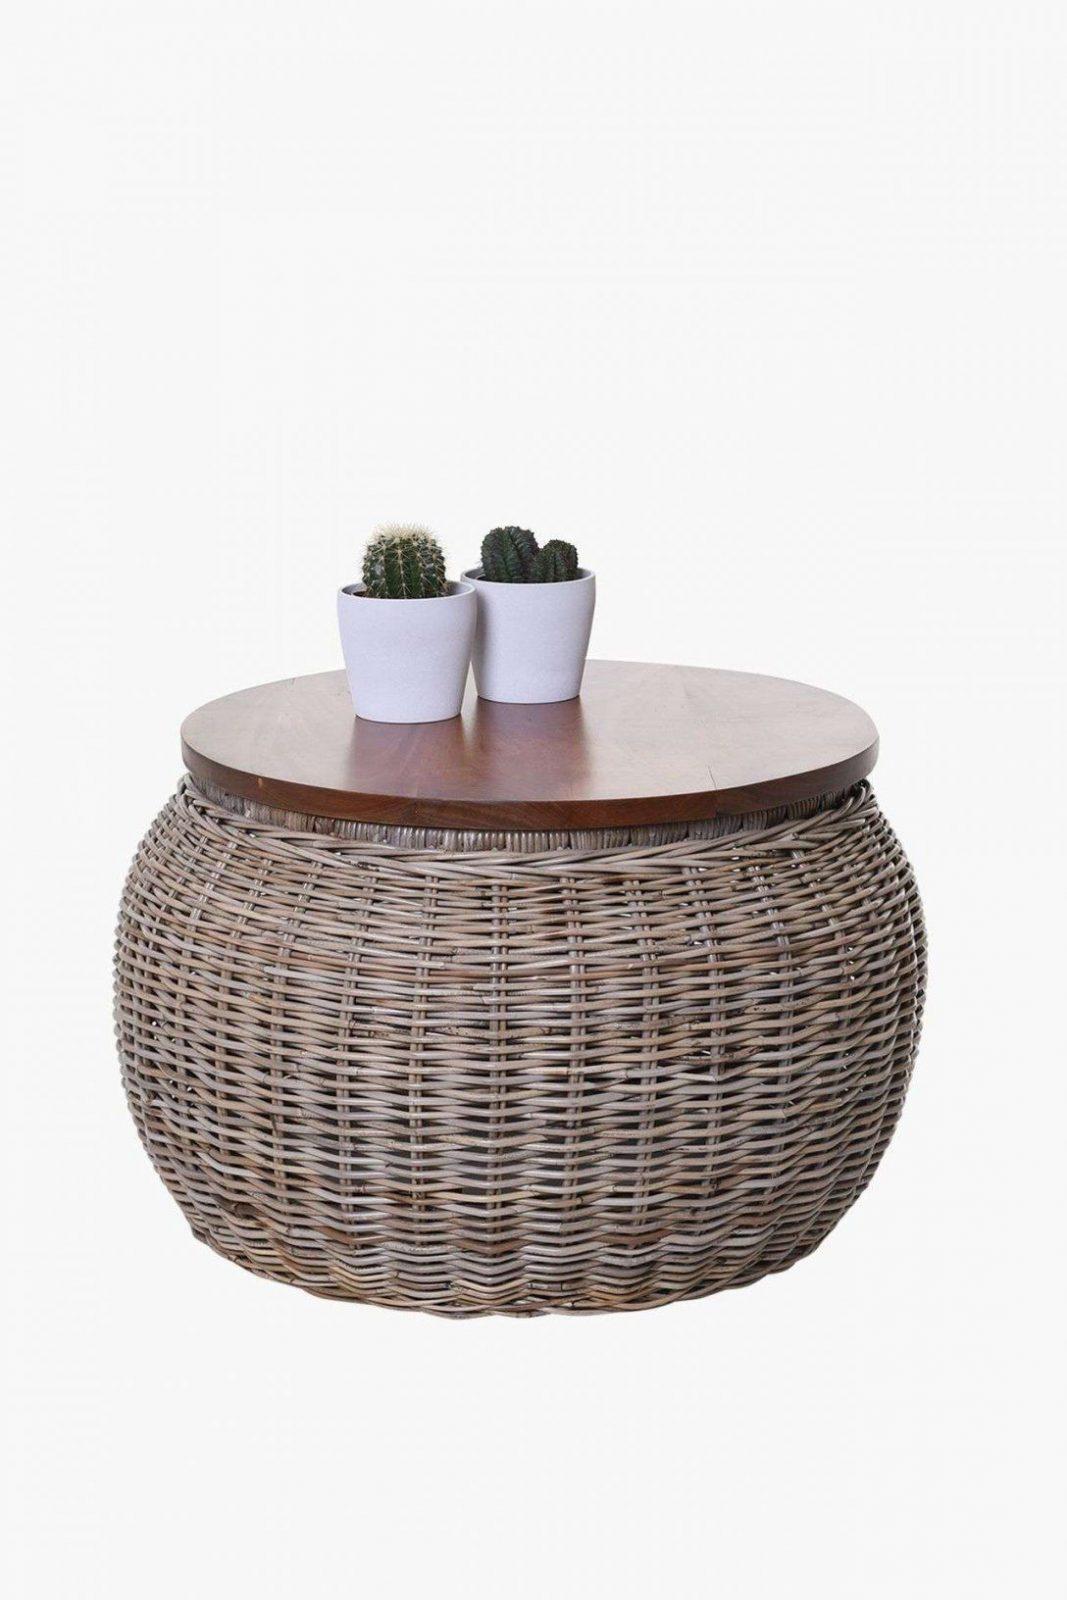 couchtisch rattan rund haus design ideen. Black Bedroom Furniture Sets. Home Design Ideas